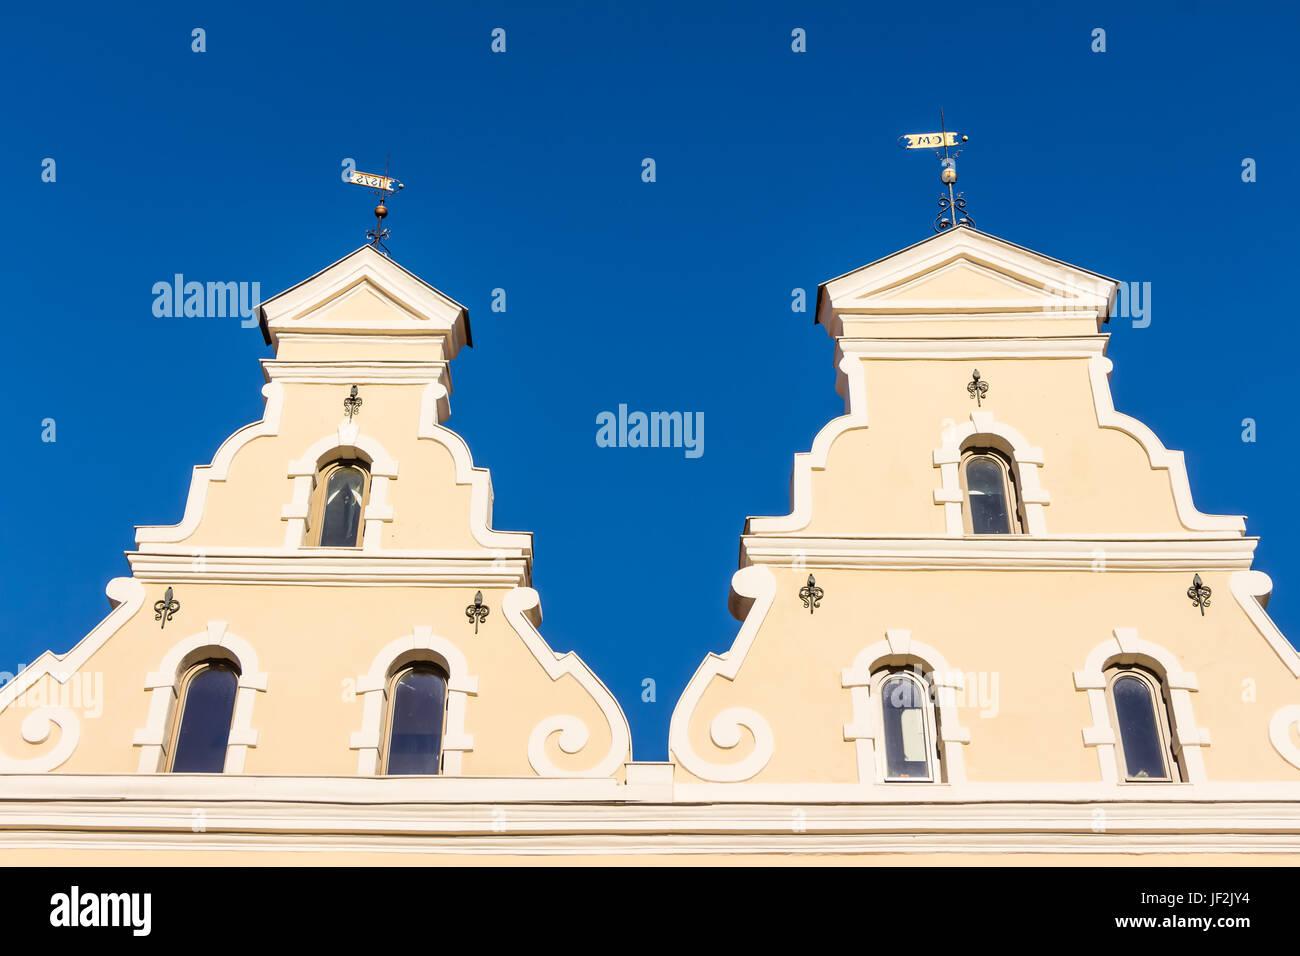 Historic buildings in Wismar - Stock Image